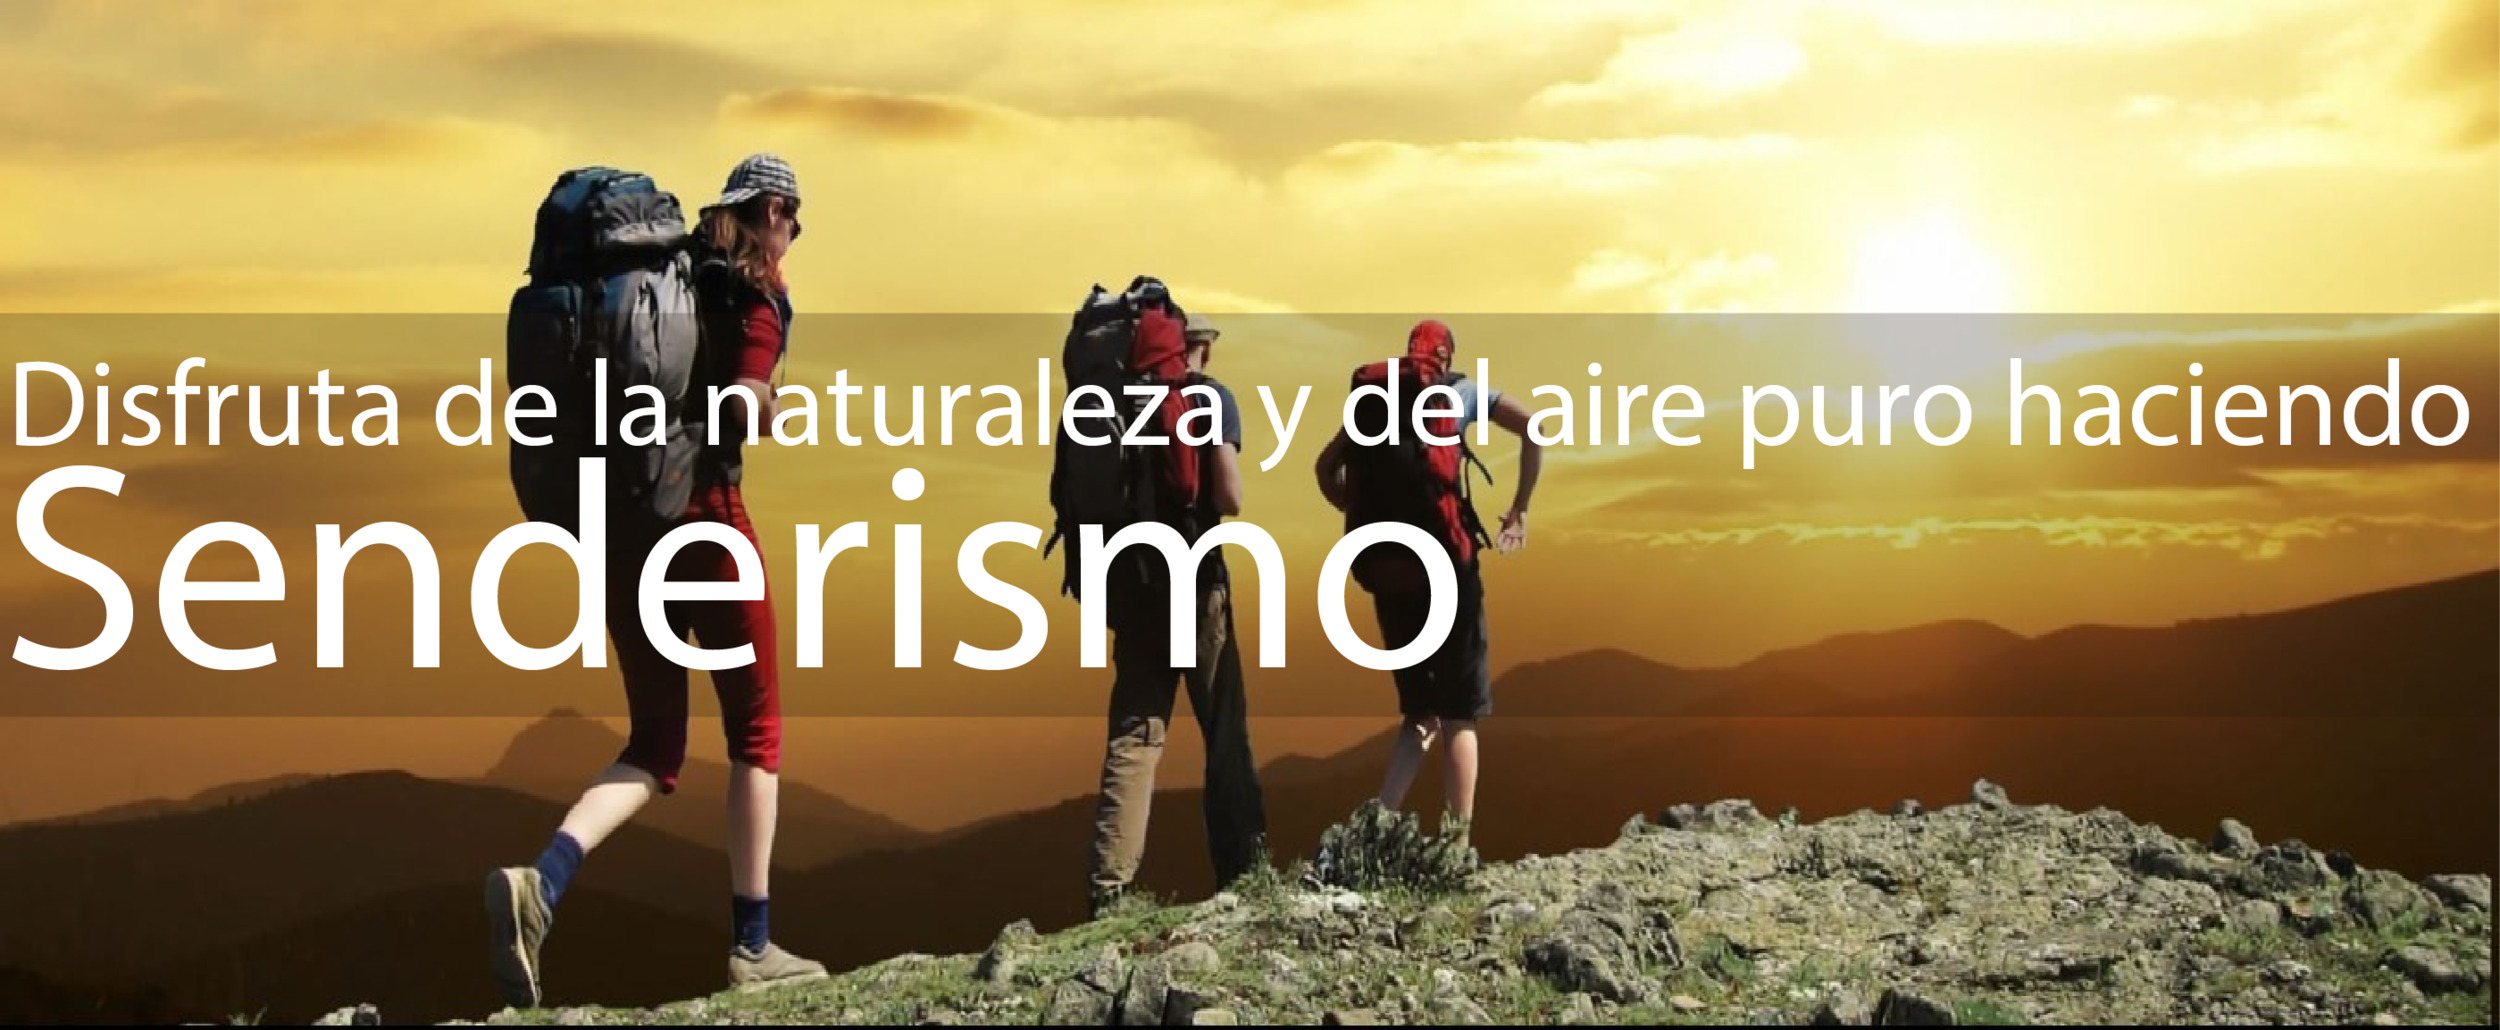 Senderismobanner-02.png